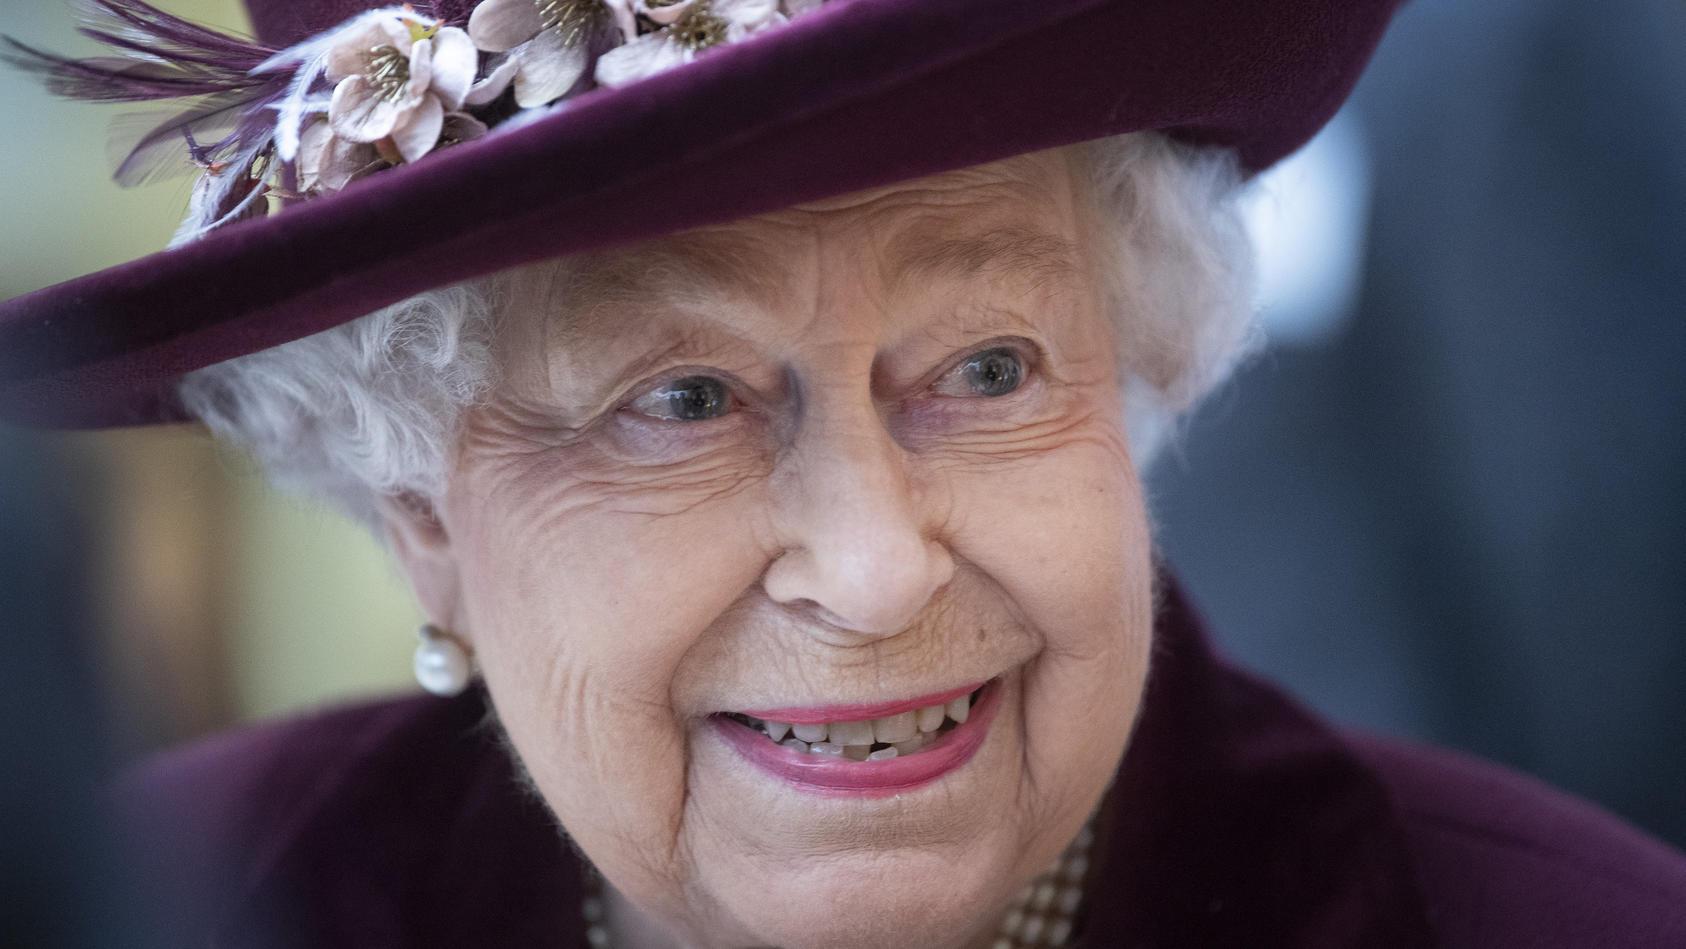 Königin Elizabeth II. behält trotz Corona-Finanzeinbuße ihr Lächeln, denn sie hockt auf verdammt viel Kohle.